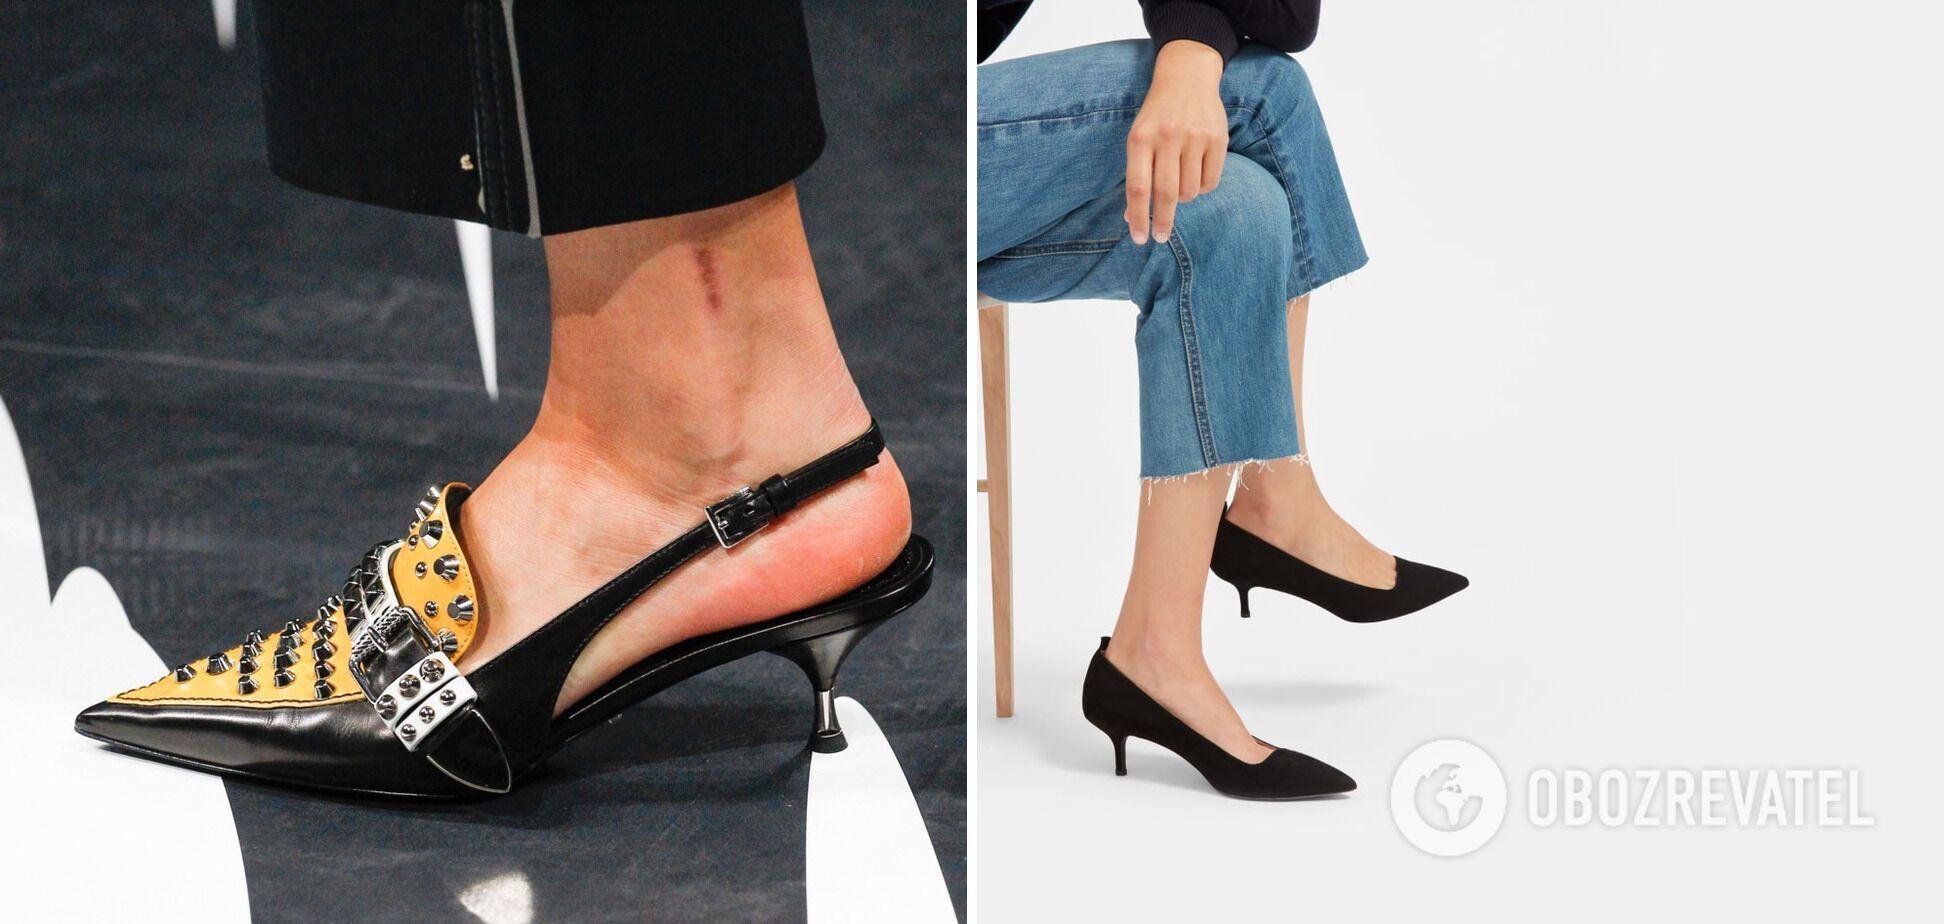 Туфли и босоножки на трехсантиметровом каблуке сделают образ более утонченным и женственным